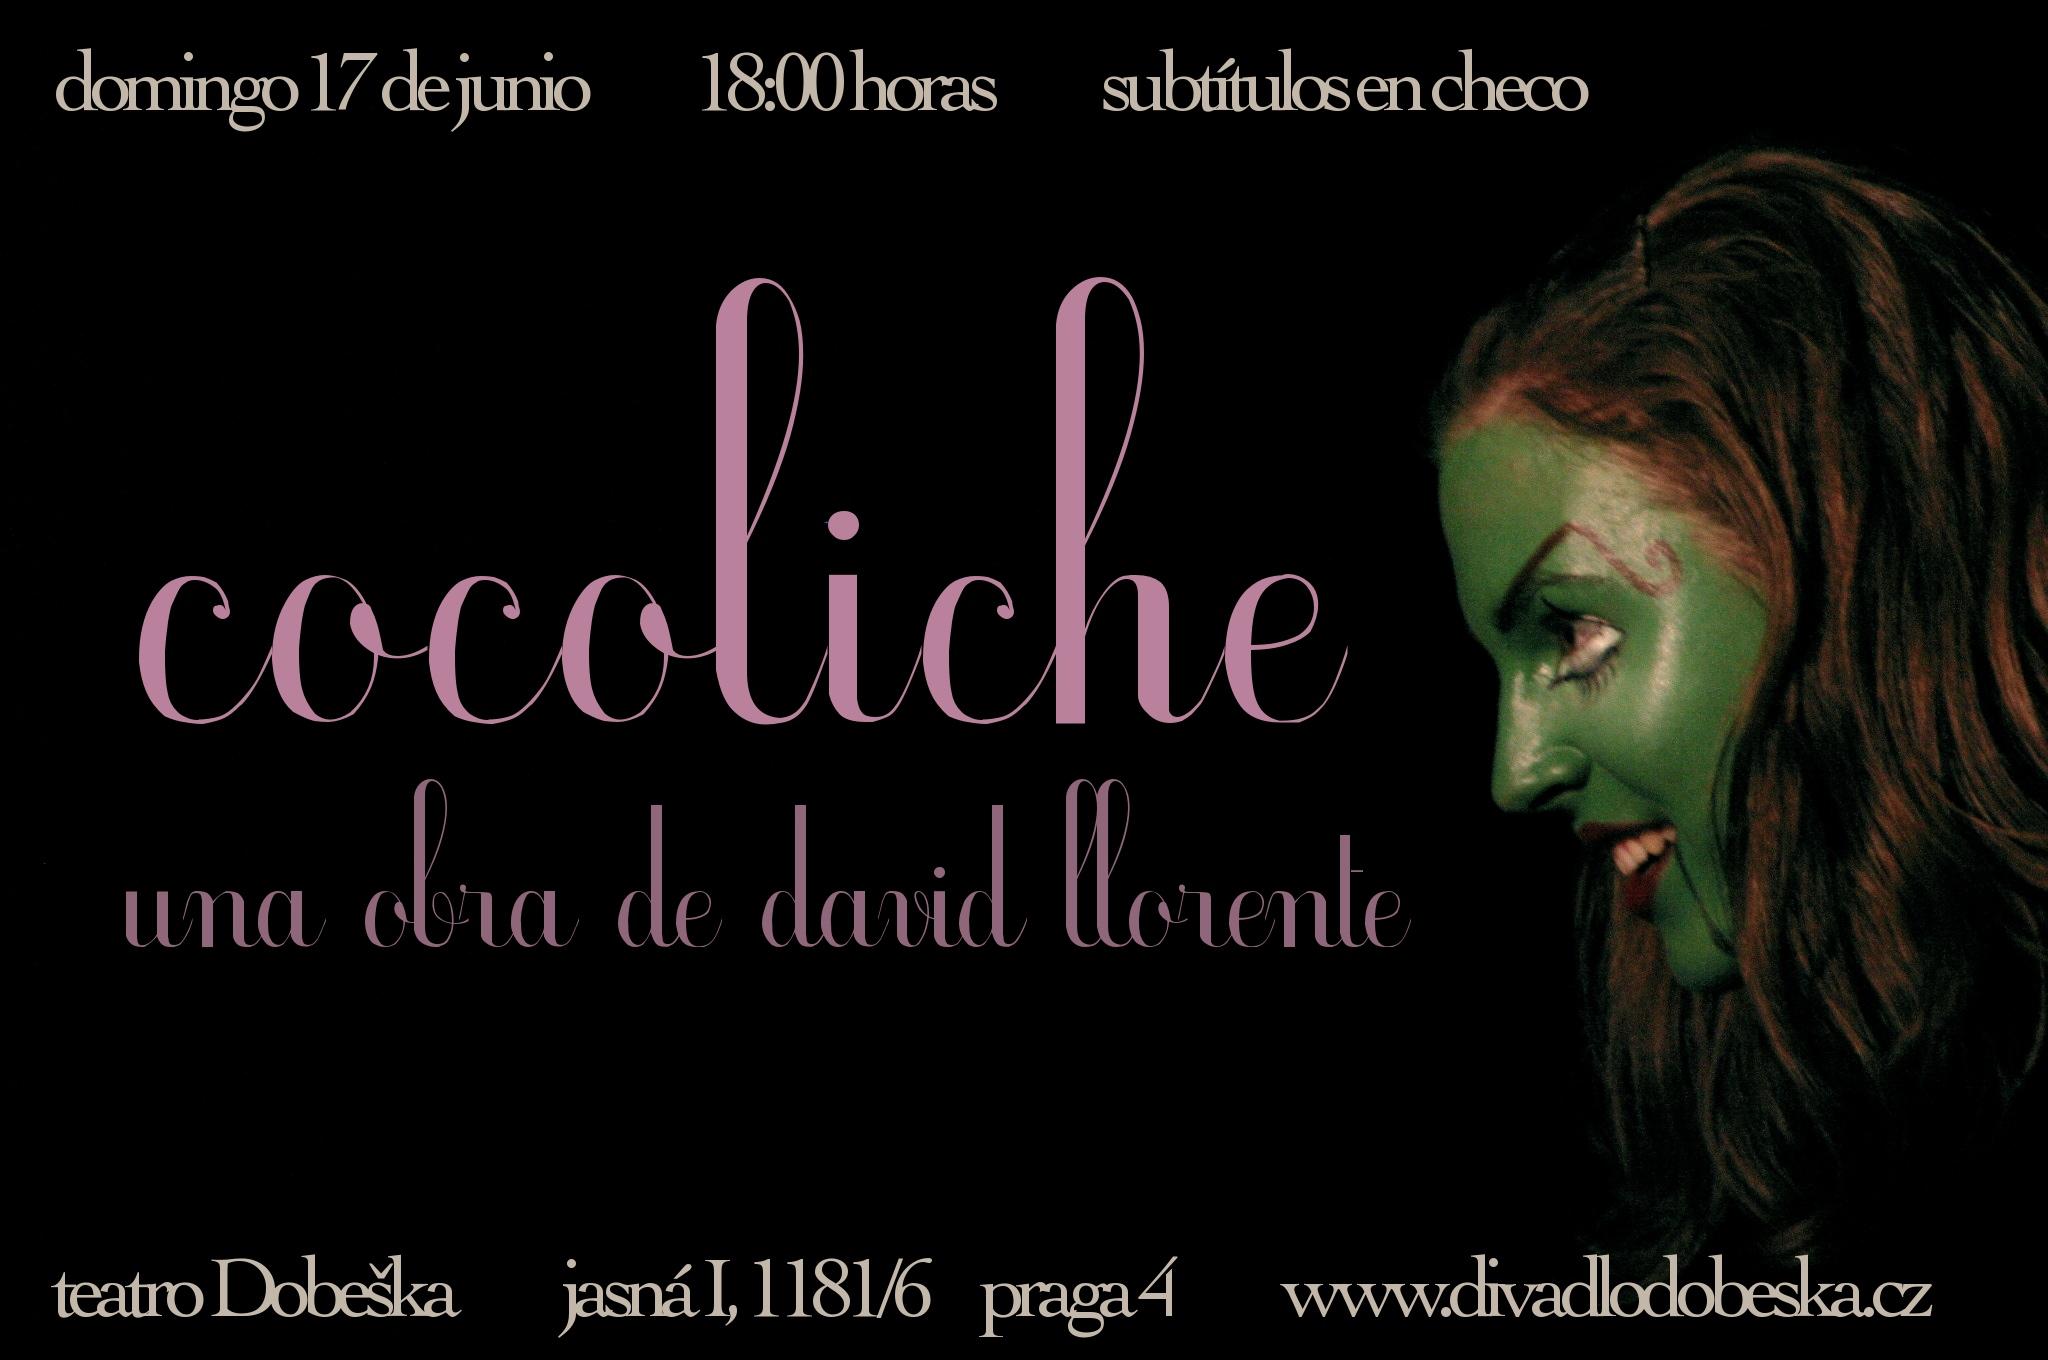 David Llorente. Teatro. Cocoliche